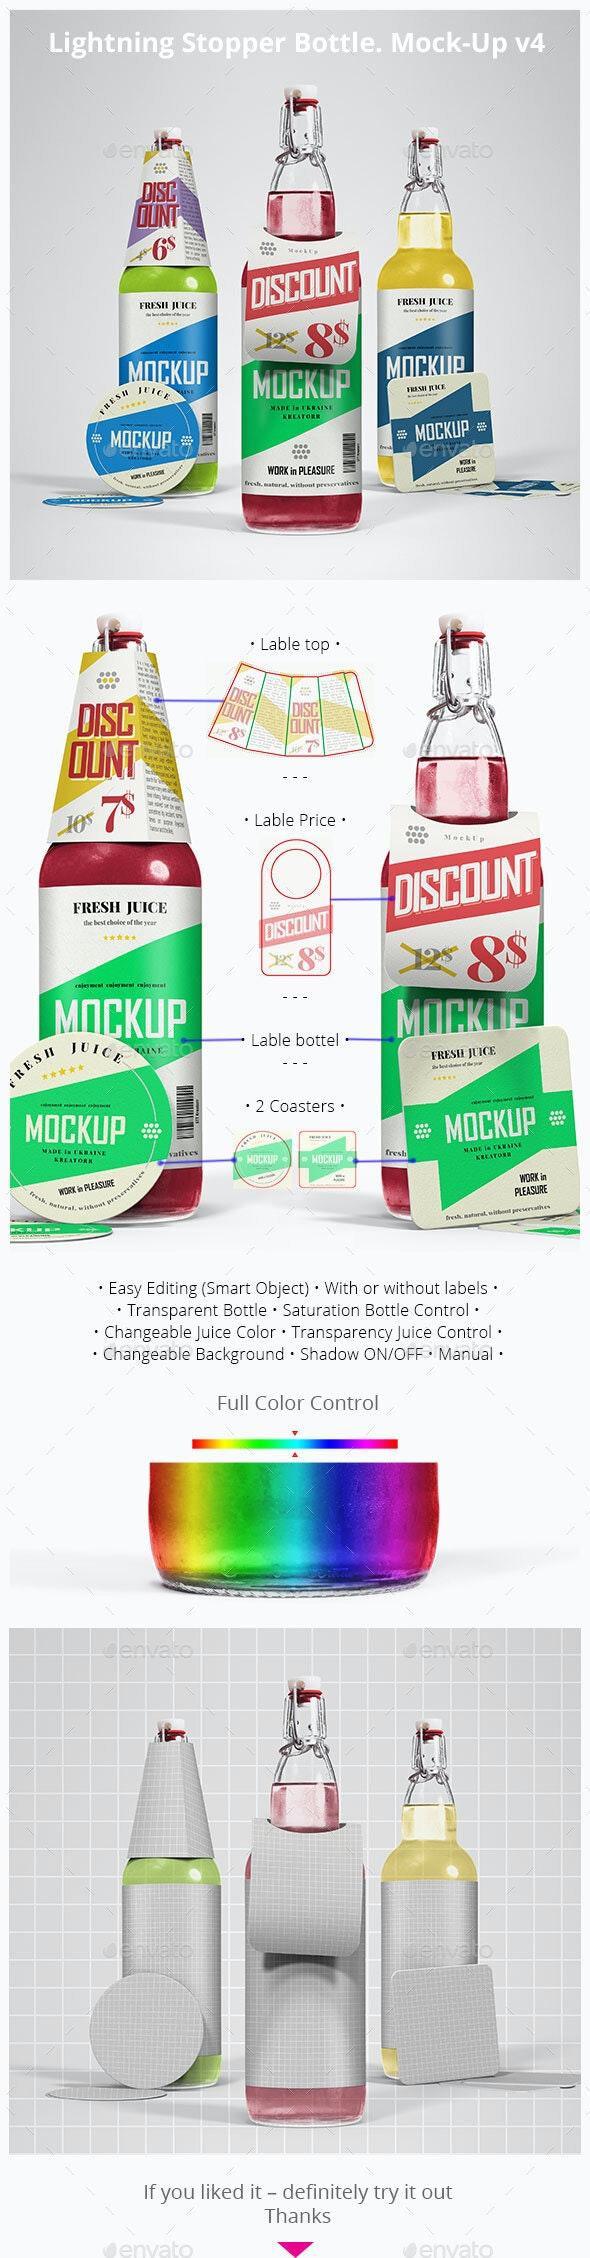 Lightning Stopper Bottle. Mock-Up V4 - Food and Drink Packaging